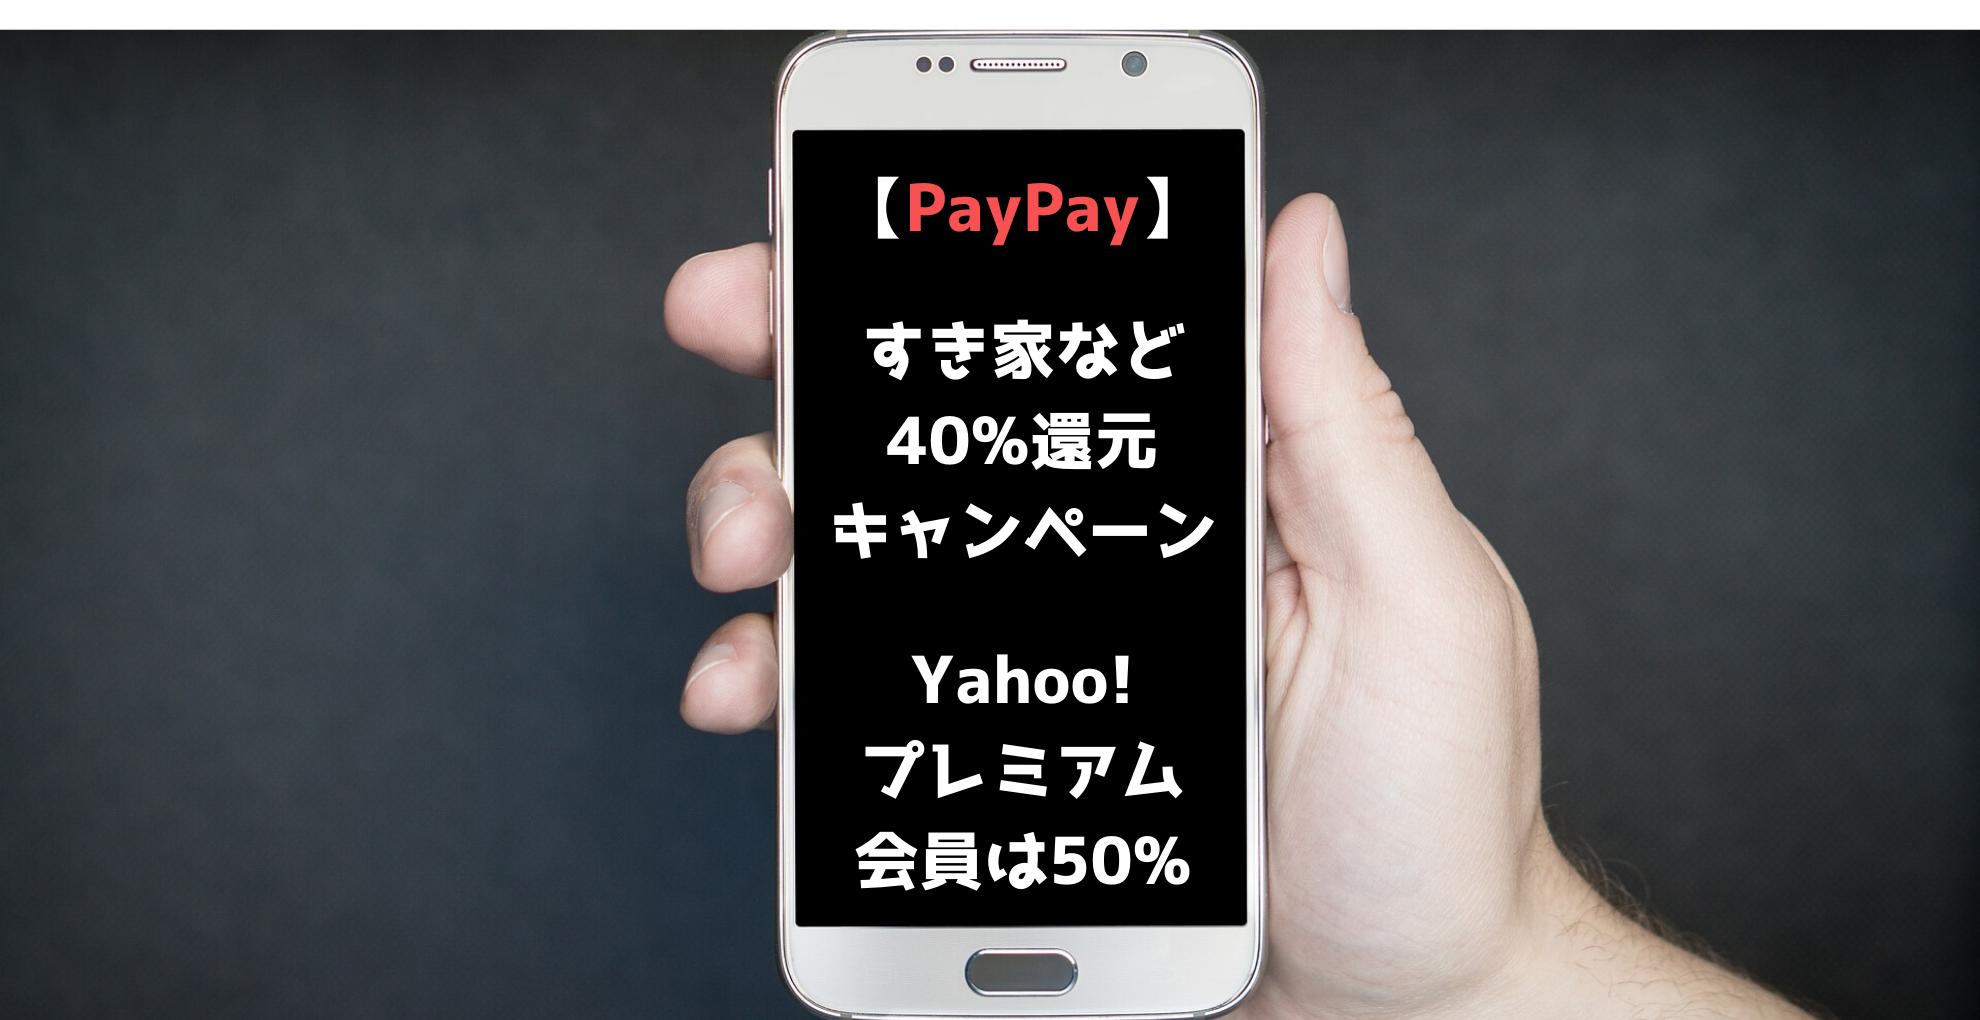 【PayPay】サンマルクカフェやすき家などで40%還元キャンペーン ヤフープレミアム会員なら50%